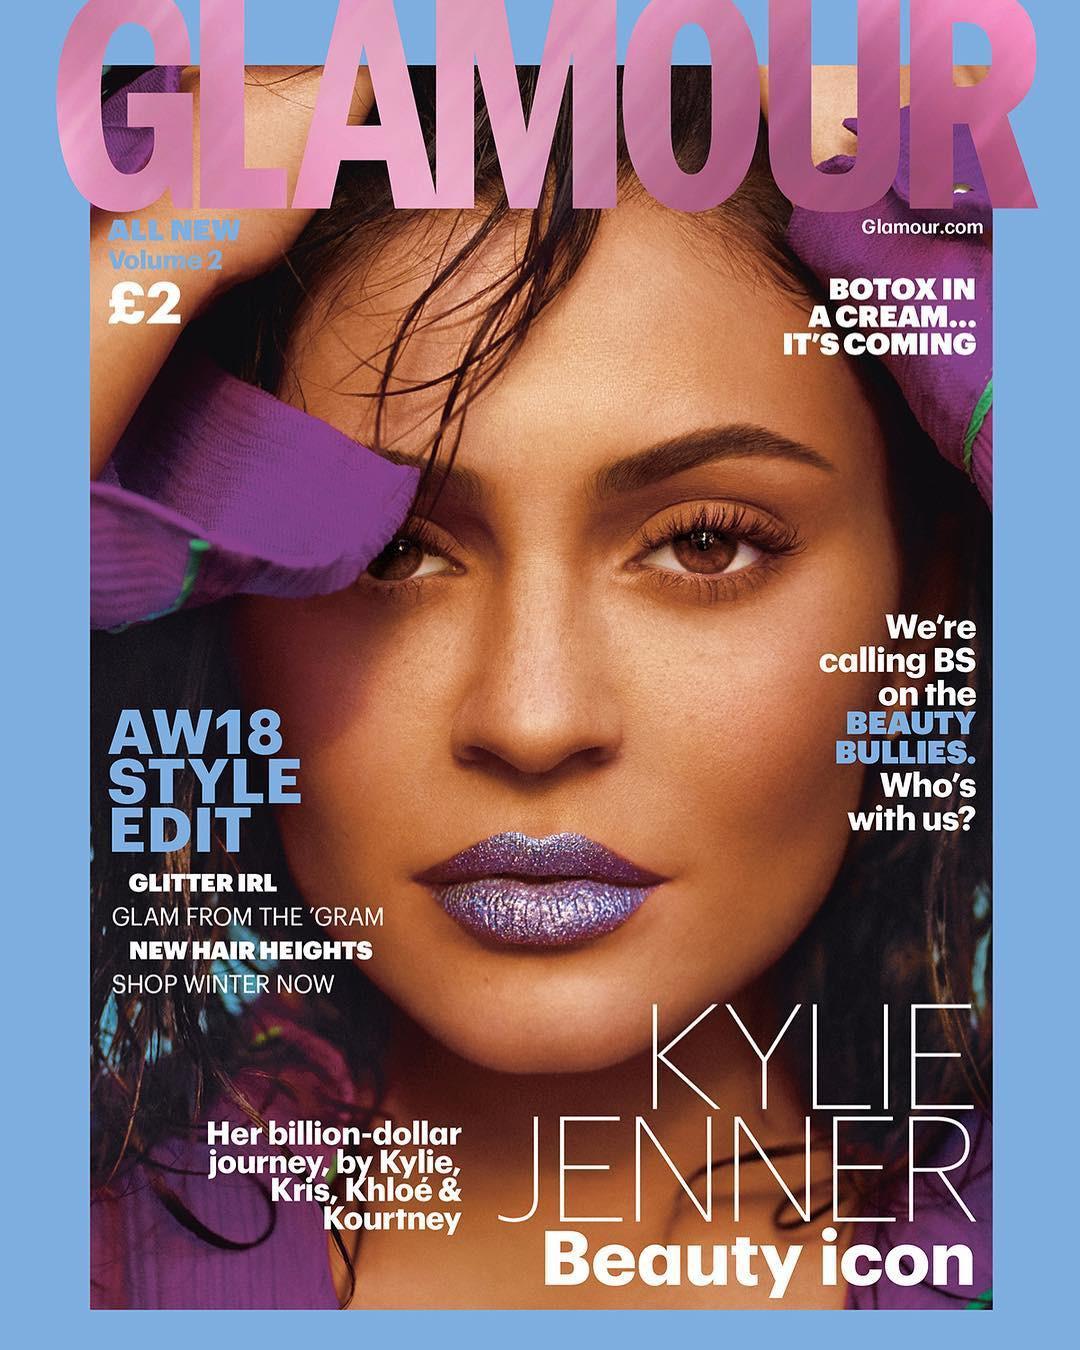 Rút bớt filler ra khỏi môi, Kylie Jenner như biến hình thành người khác mà vẫn xinh đẹp lung linh - Ảnh 1.